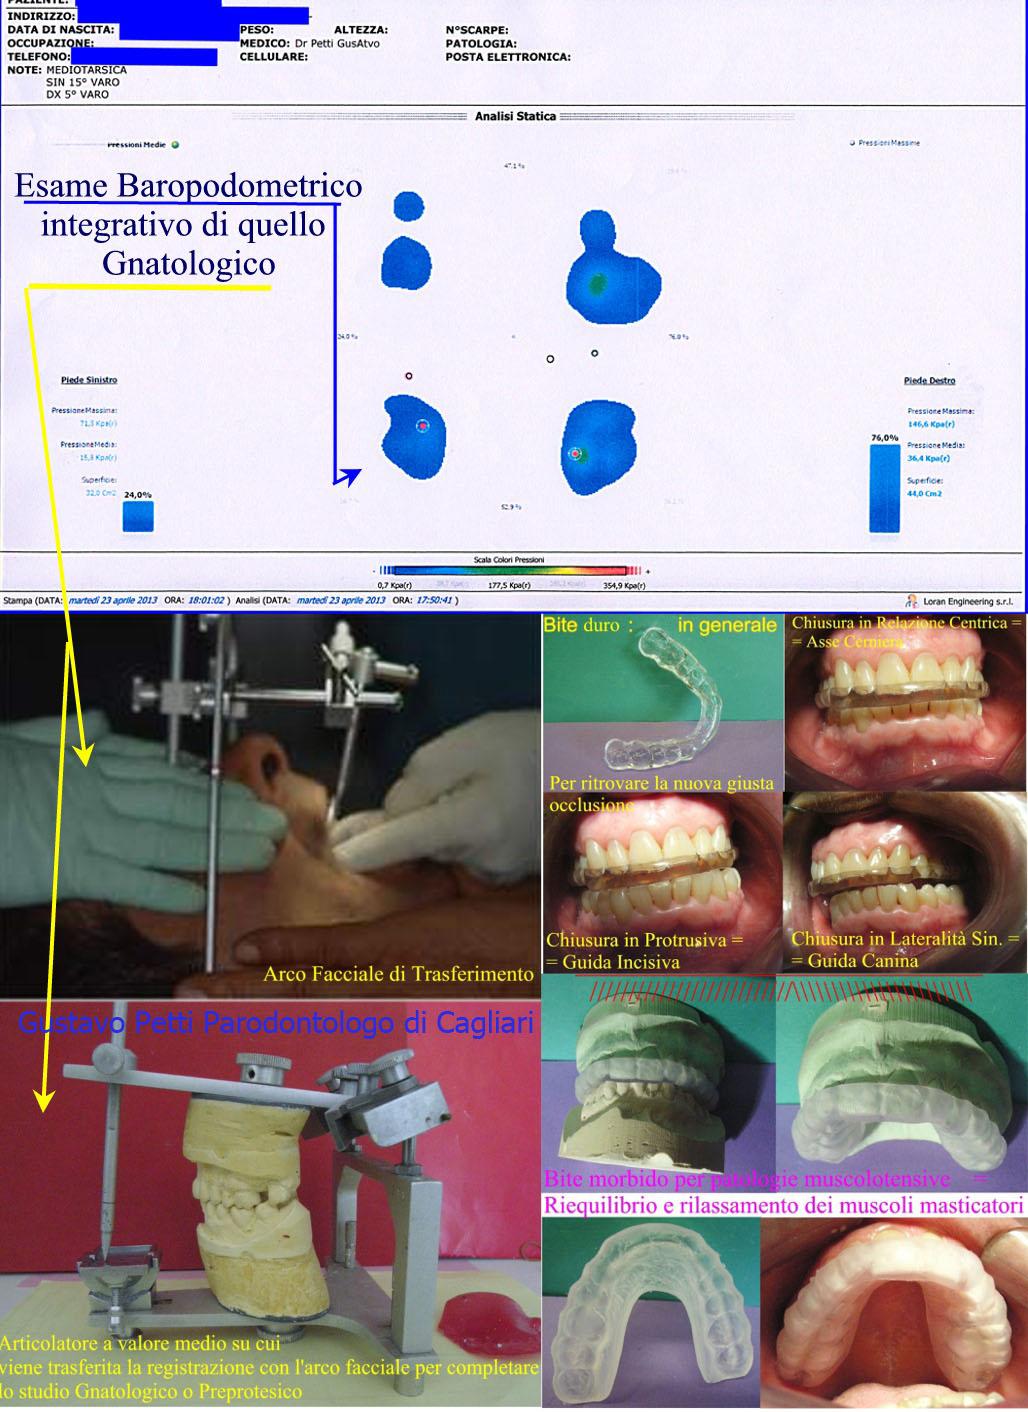 gnatologia-dr-g.petti-cagliari-11.jpg